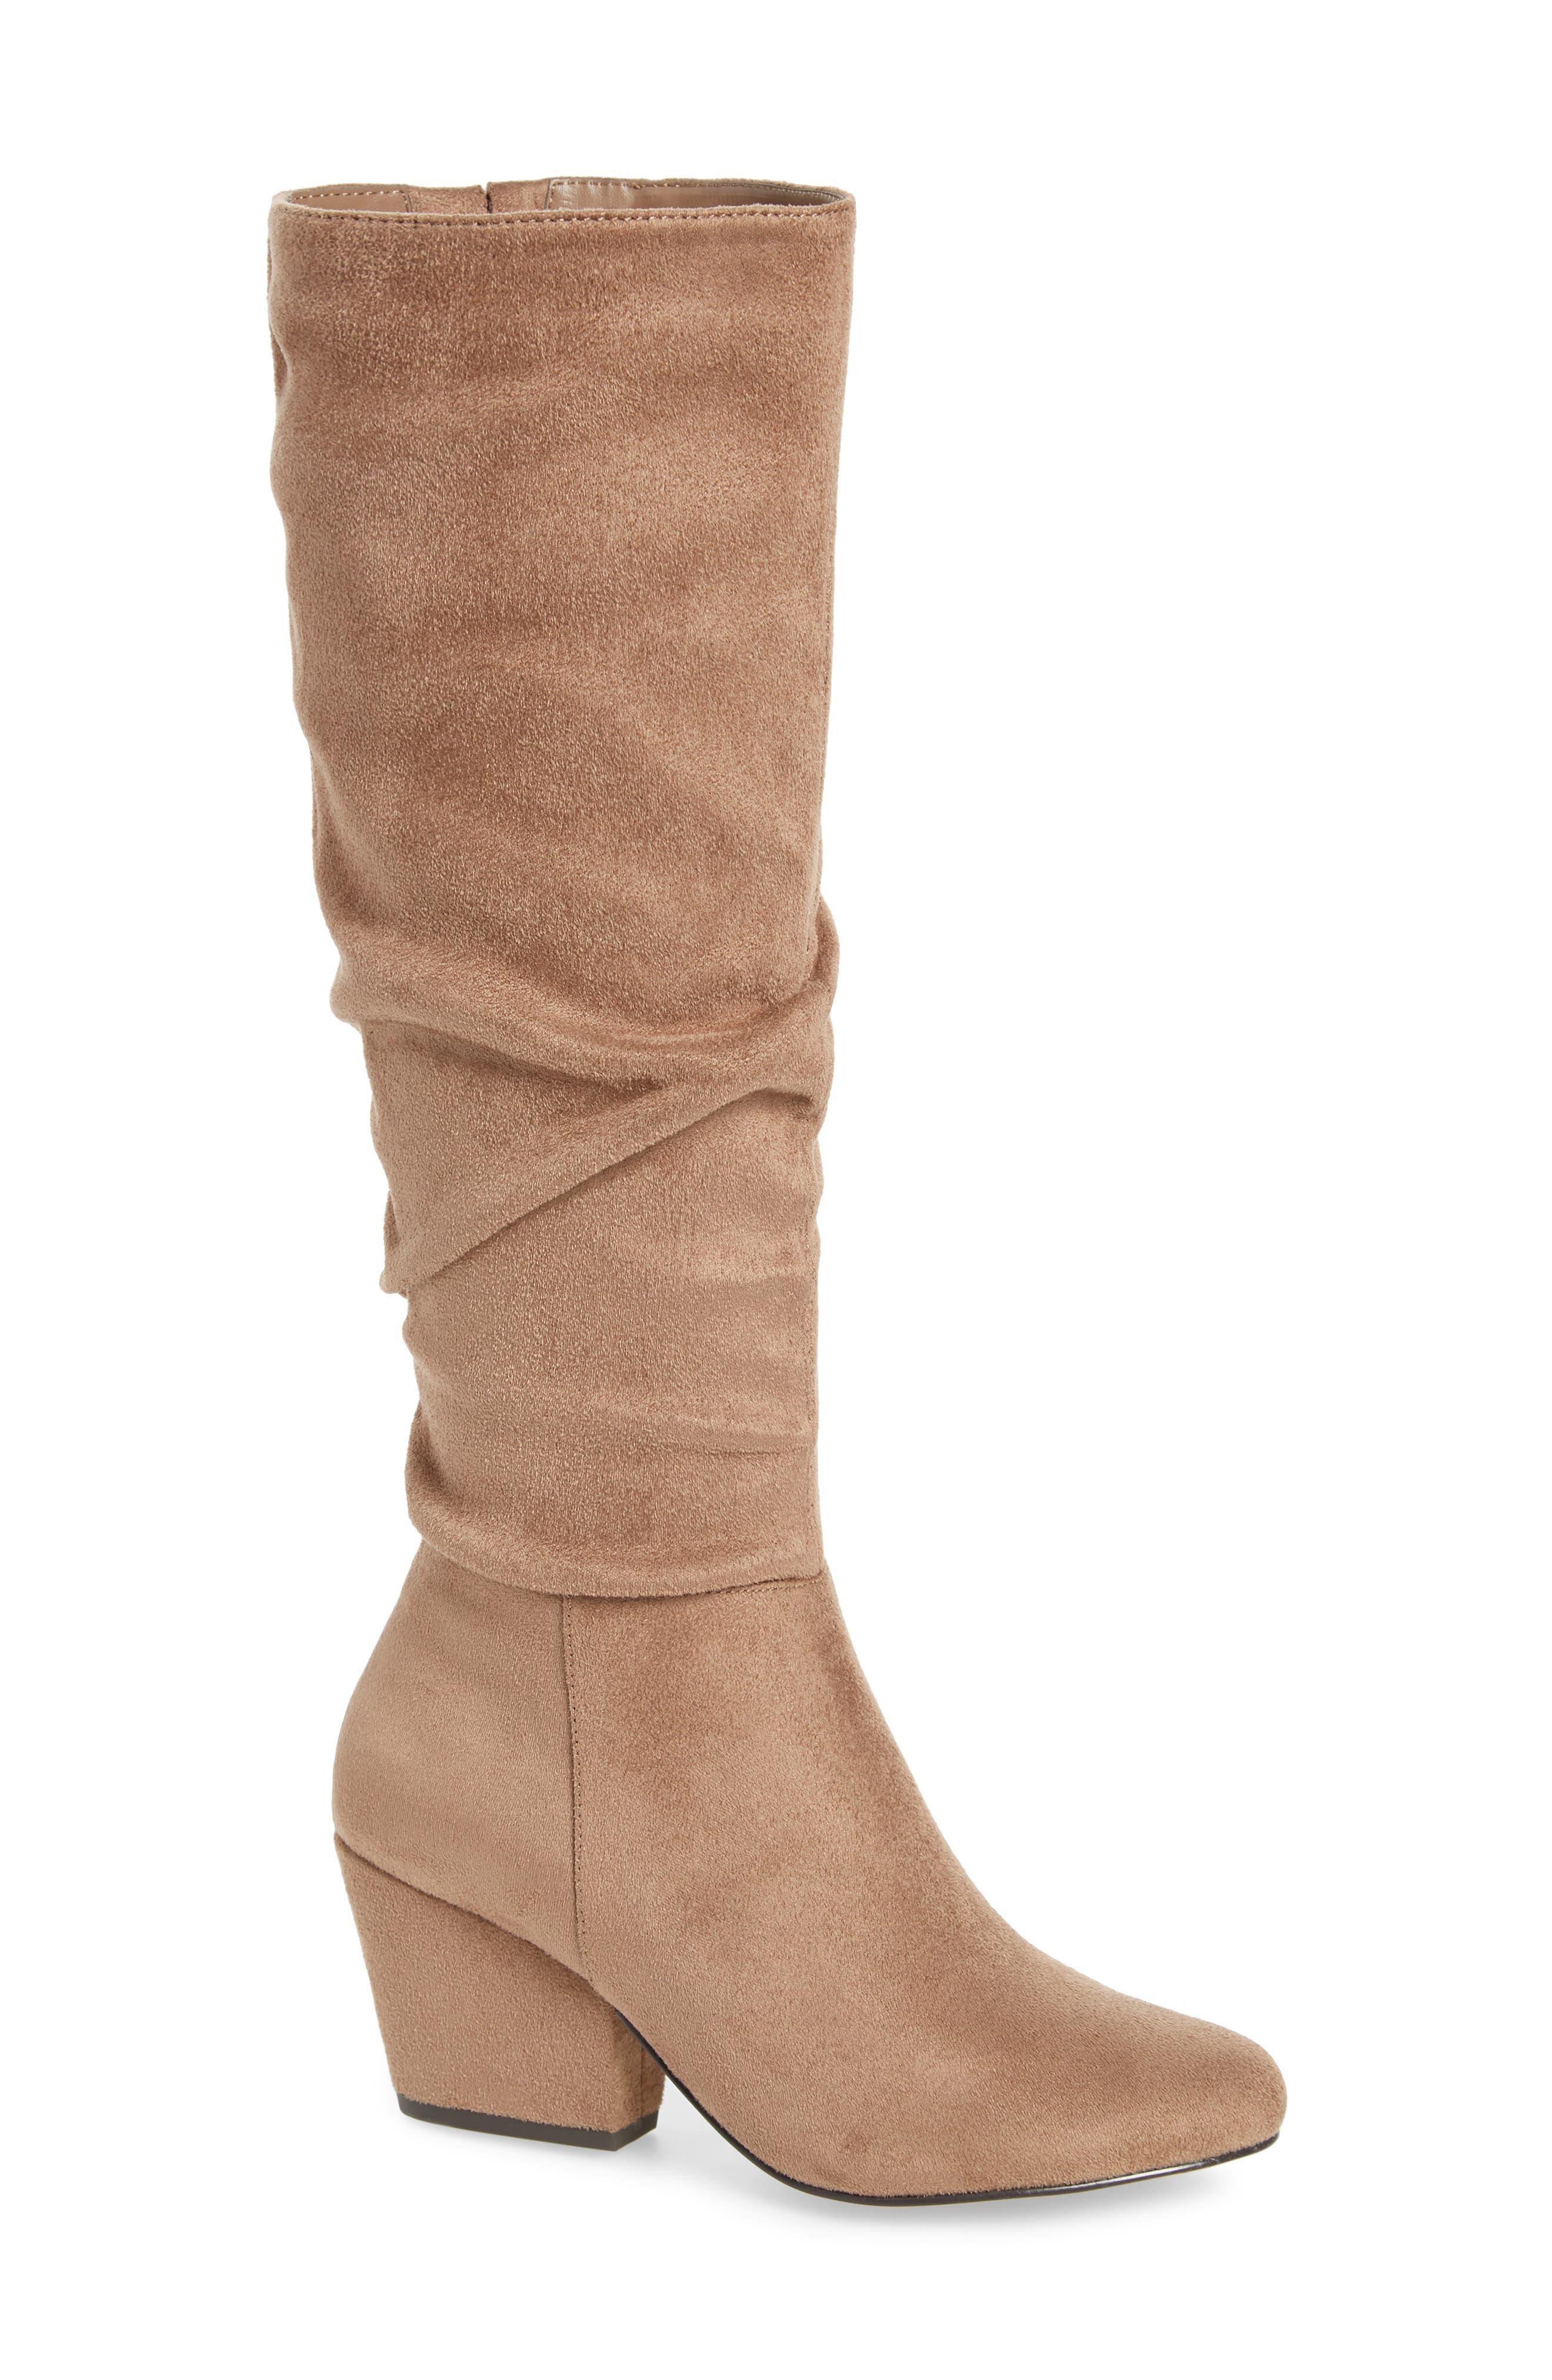 Bella Vita Karen Ii Knee High Slouch Boot, Beige